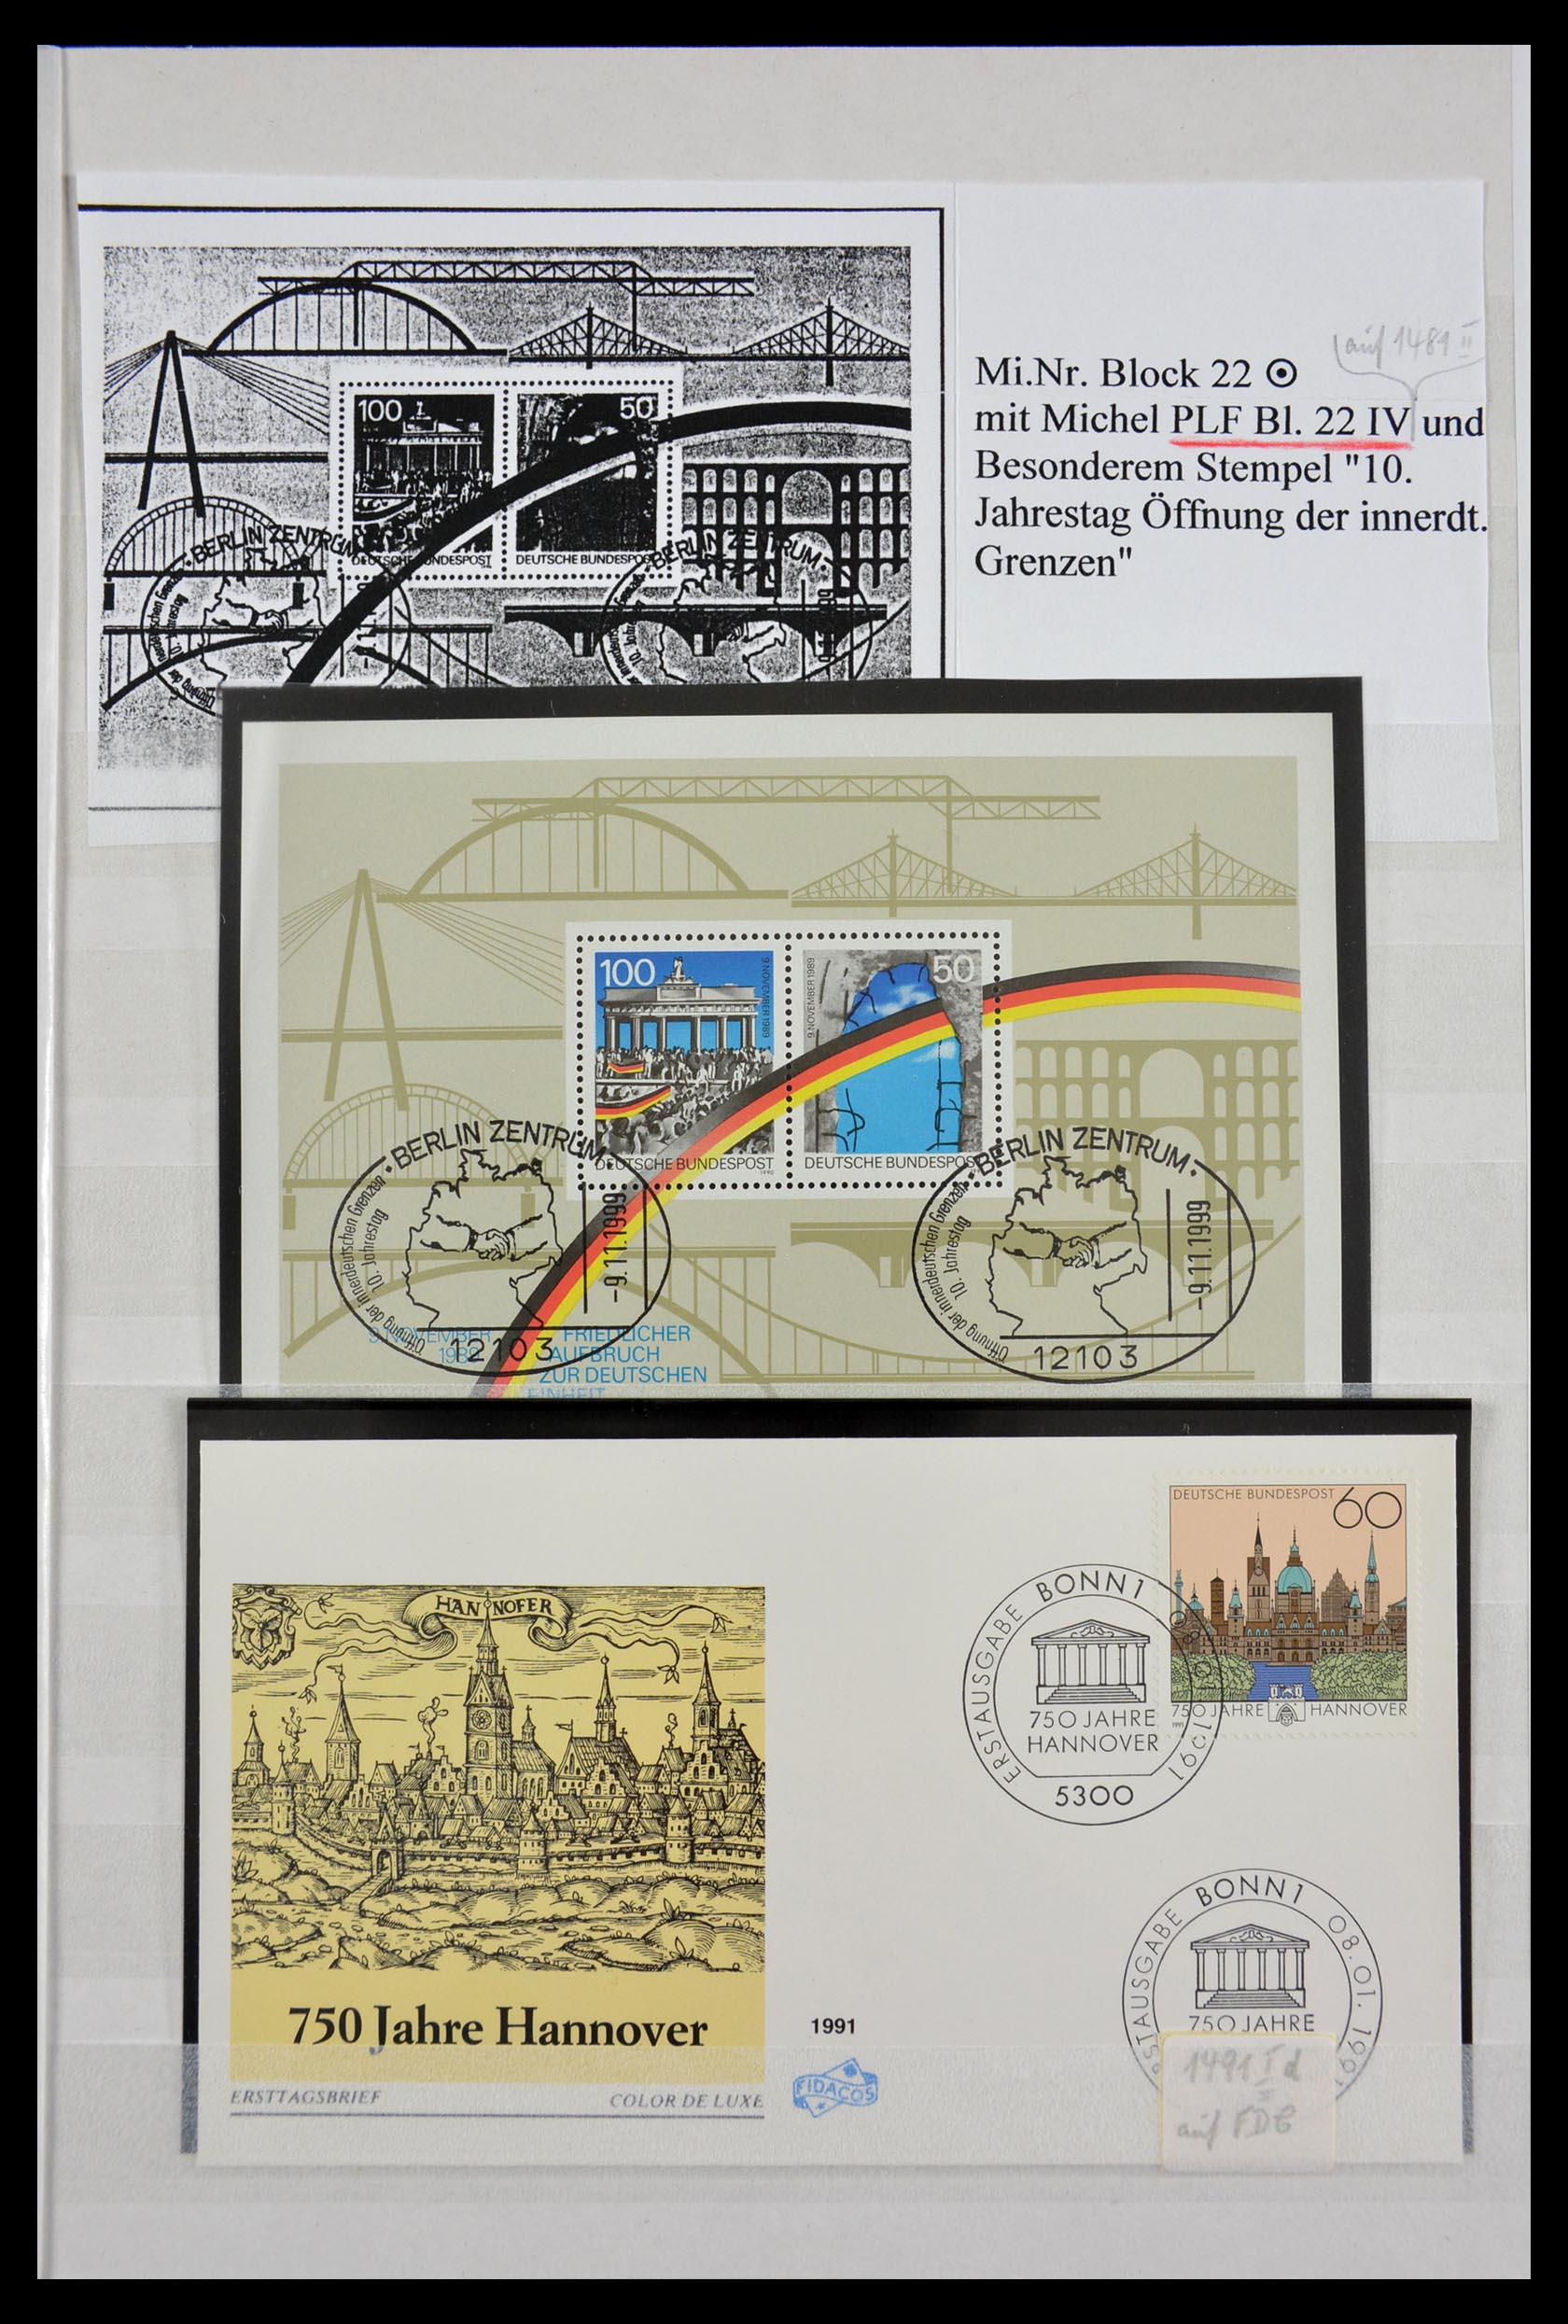 29491 017 - 29491 Bundespost plateflaws 1957-1994.